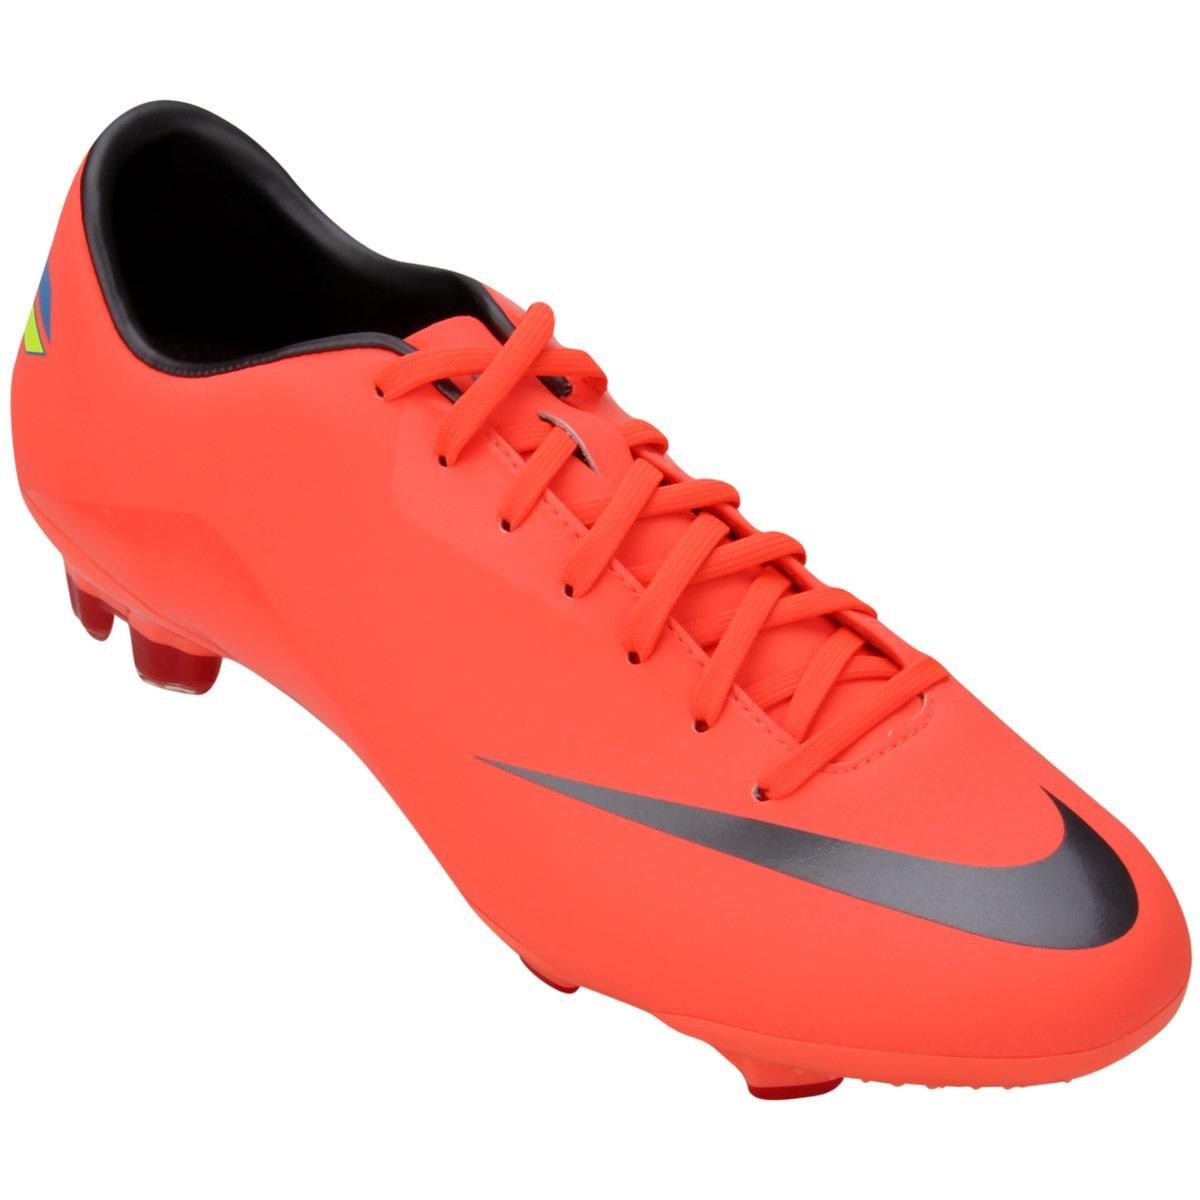 Chuteira Campo Nike Mercurial Glide 3 FG - Compre Agora  74349b2ddb1c6